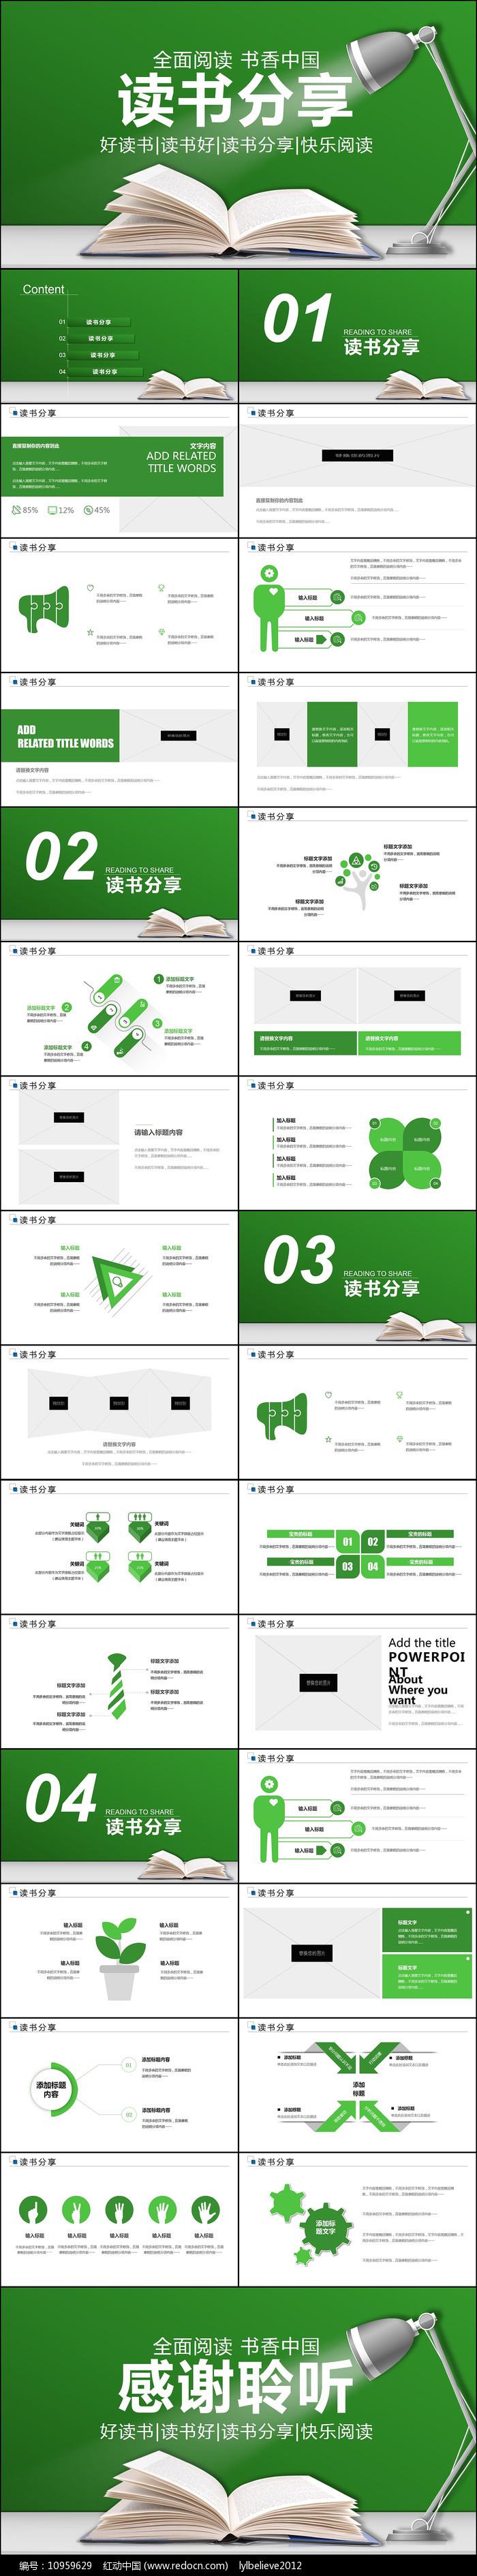 书香中国读书节好书推荐读书分享PPT